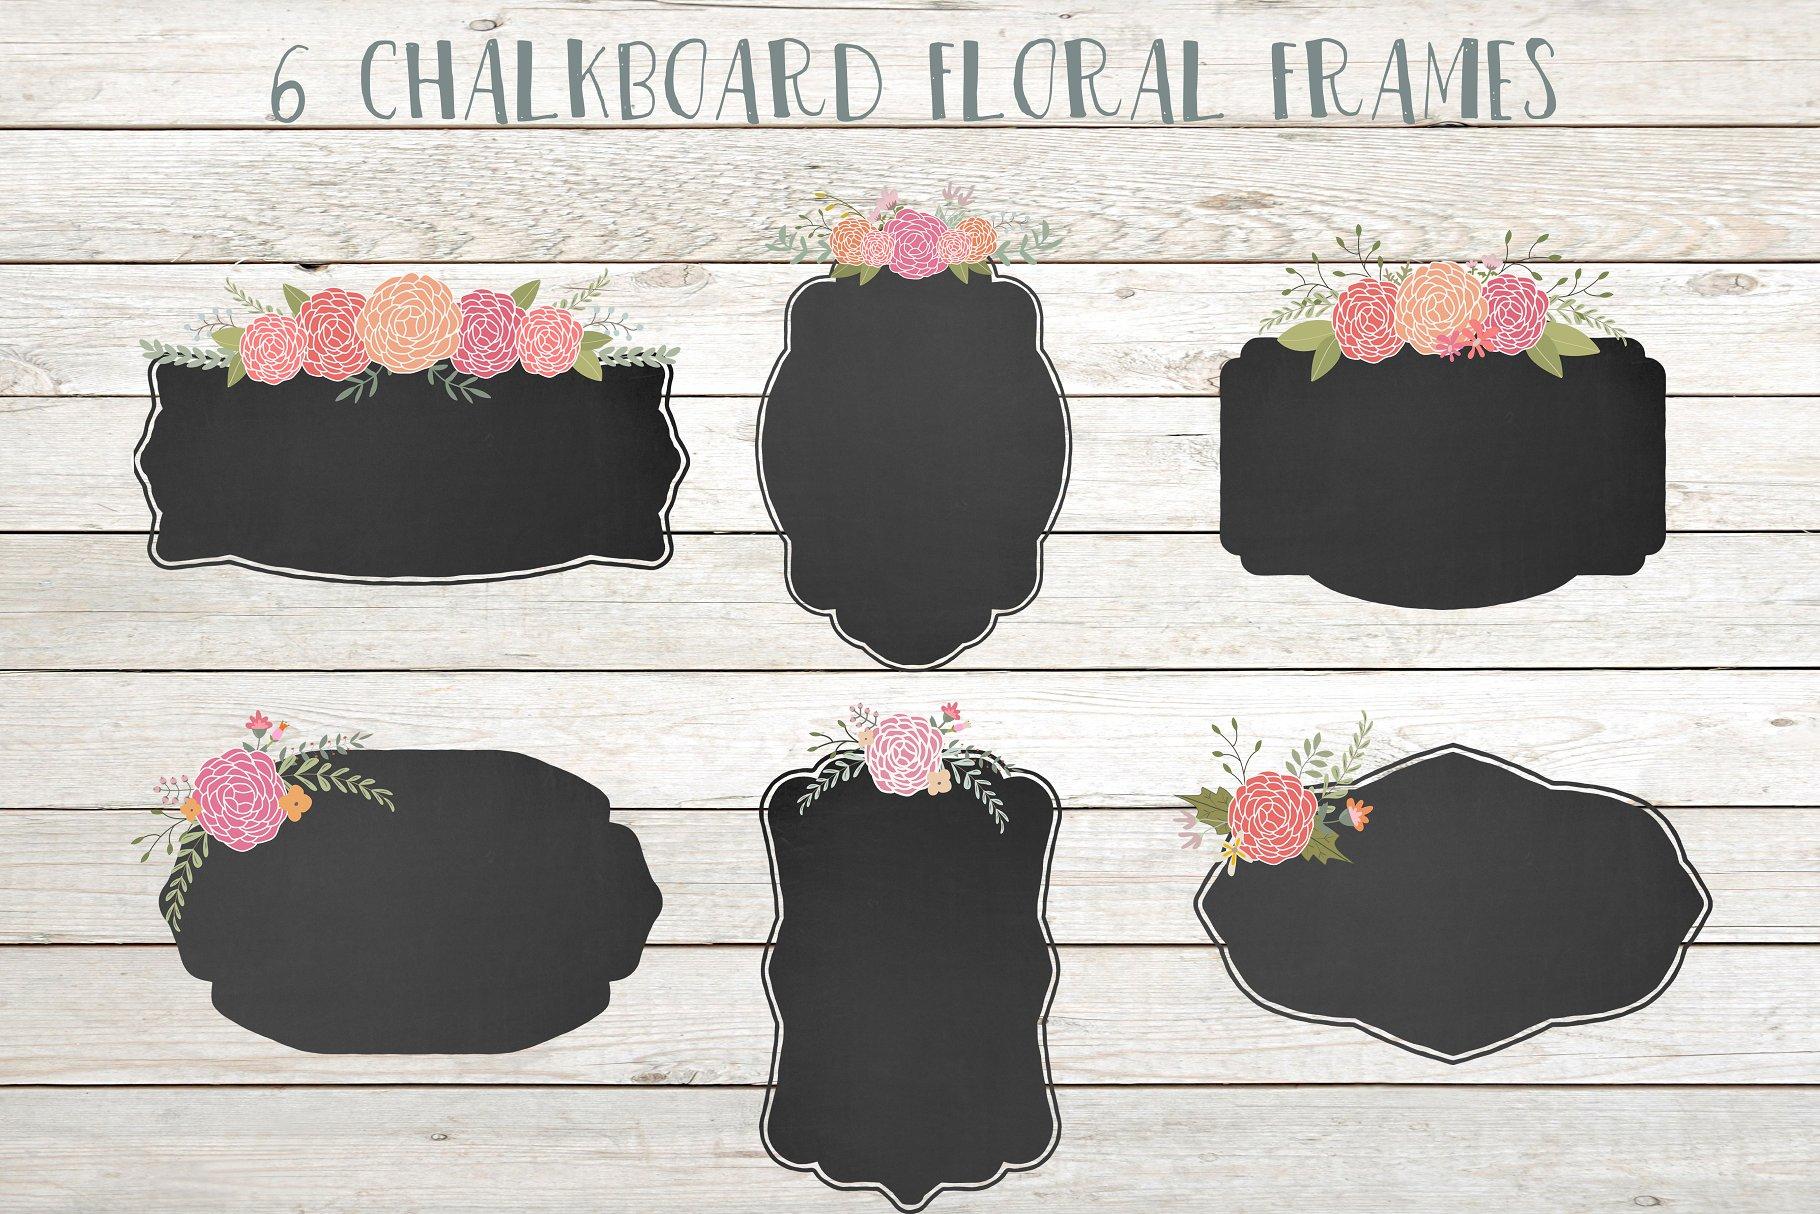 Chalkboard floral frames clip art - Illustrations | Creative Market Pro